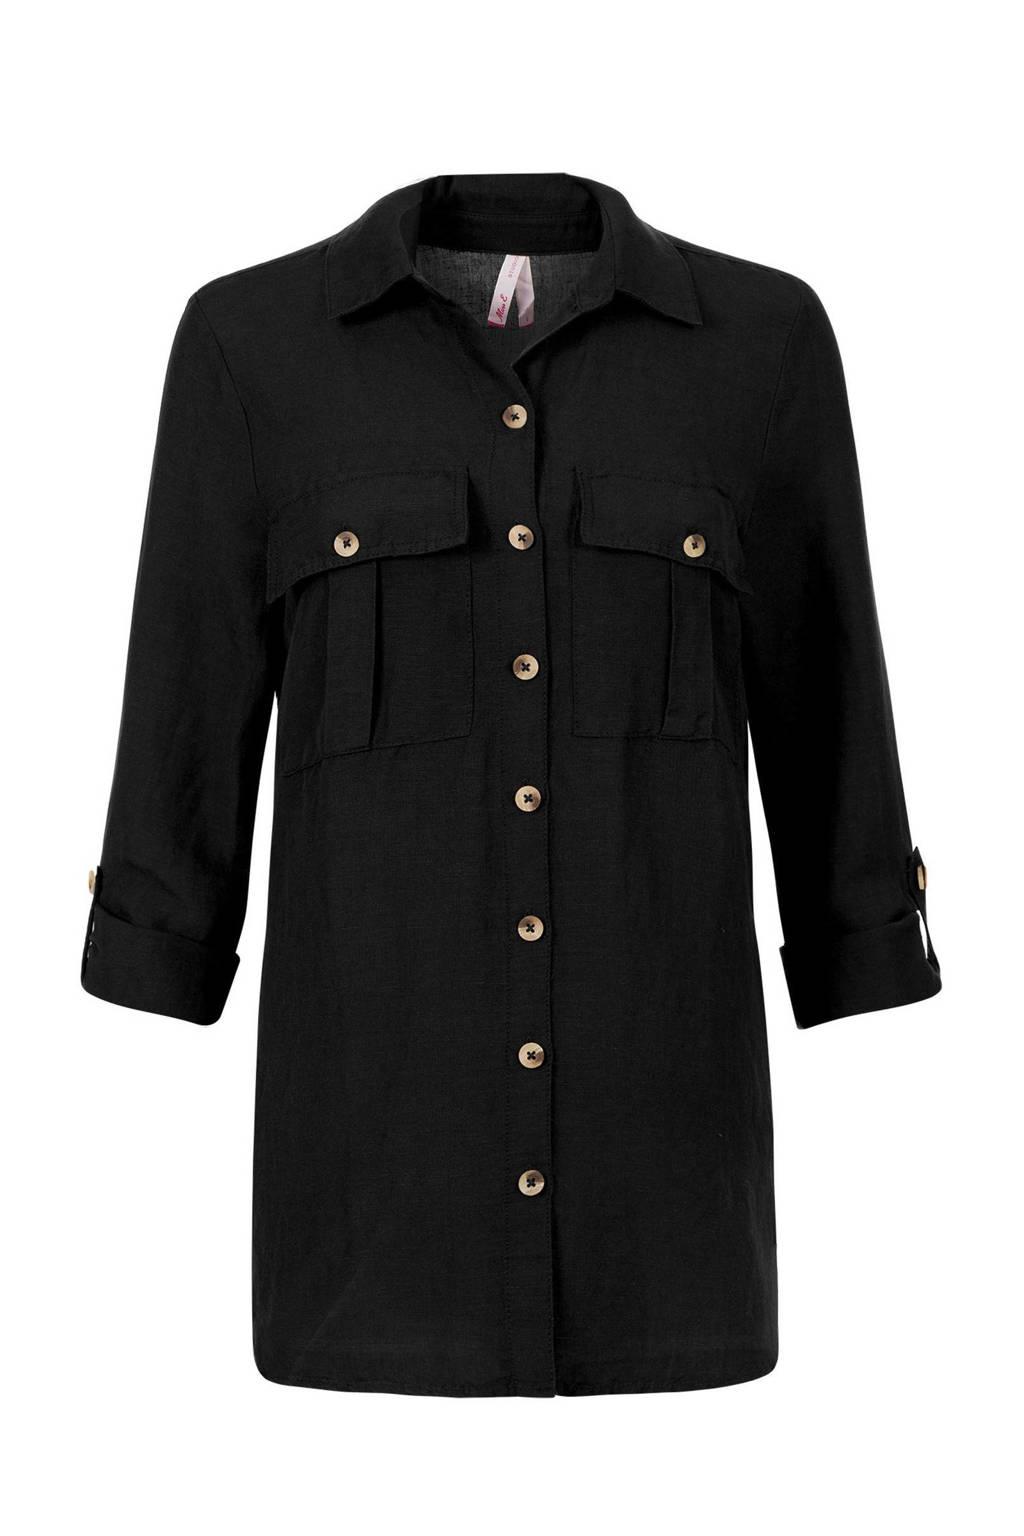 Miss Etam Regulier blouse met linnen zwart, Zwart